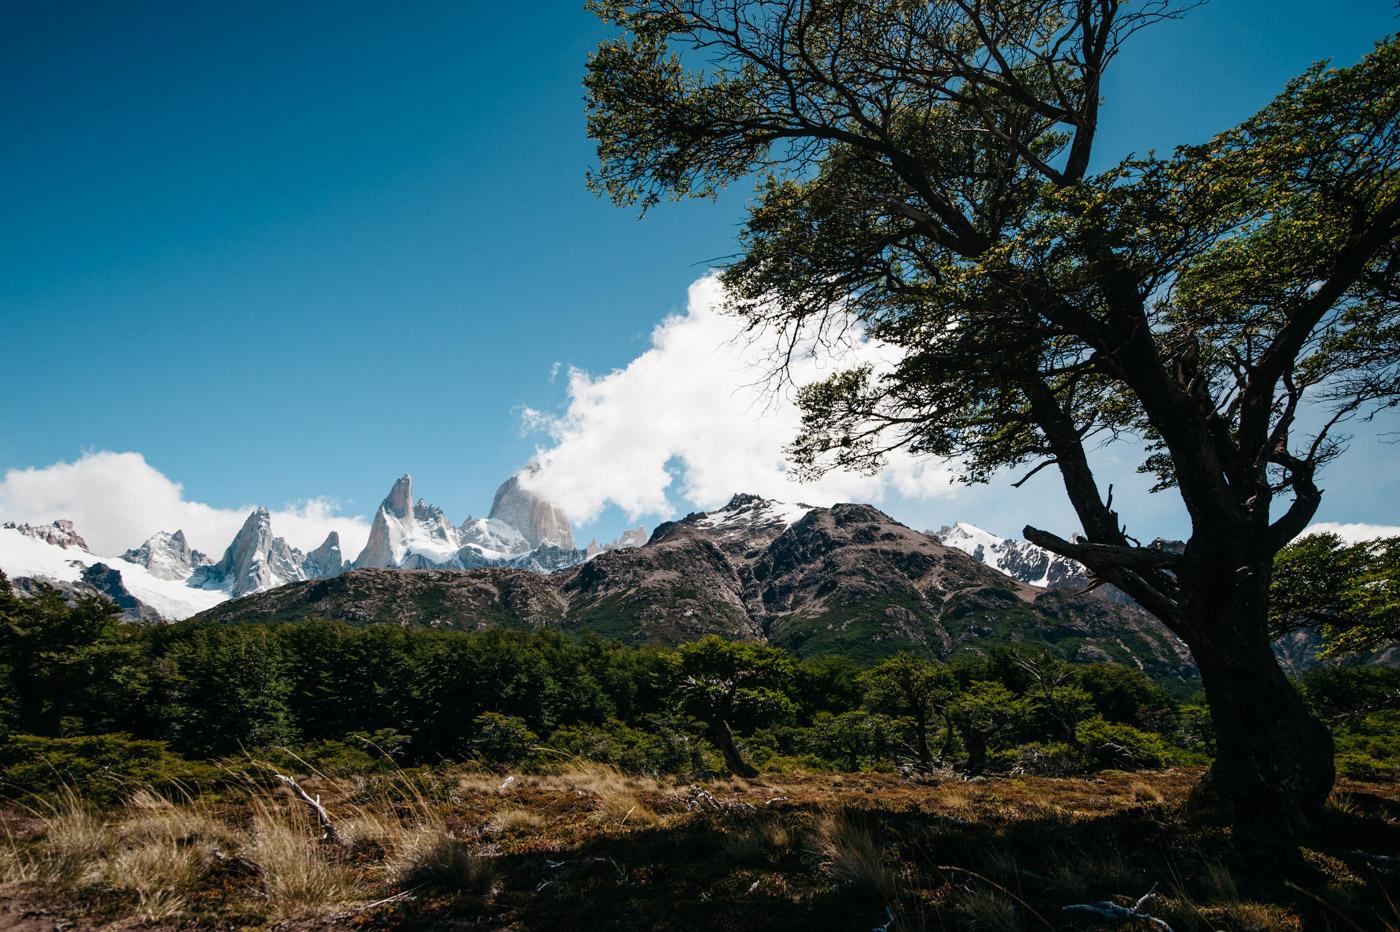 Argentina Patagonia ElChalten FitzRoy LagunaDeLosTres-009